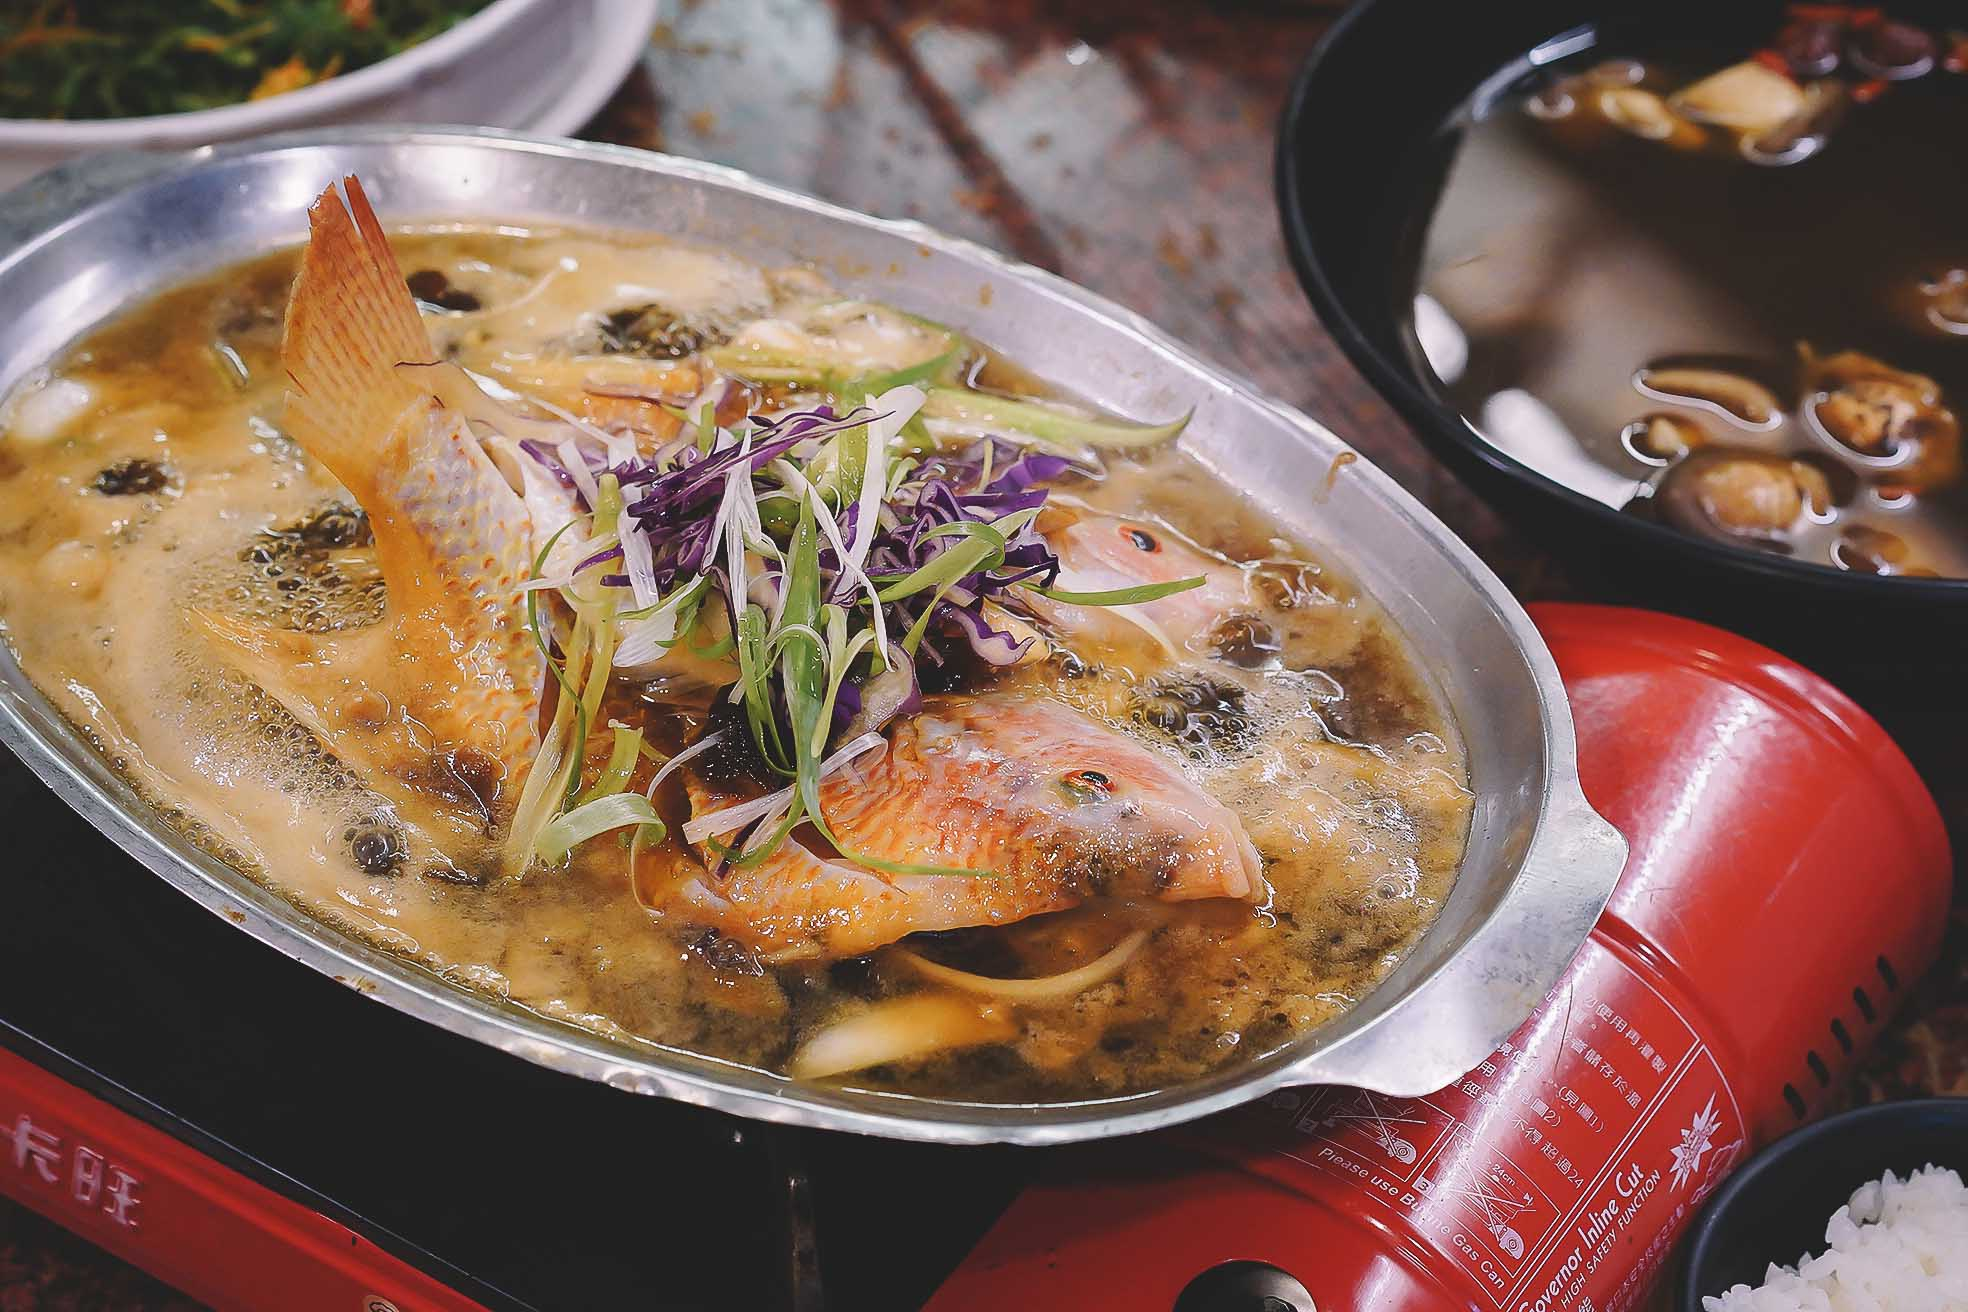 日月潭美食推薦│日月潭新山味邵族風味餐廳,原來原住民風味餐這麼好吃!近水社碼頭